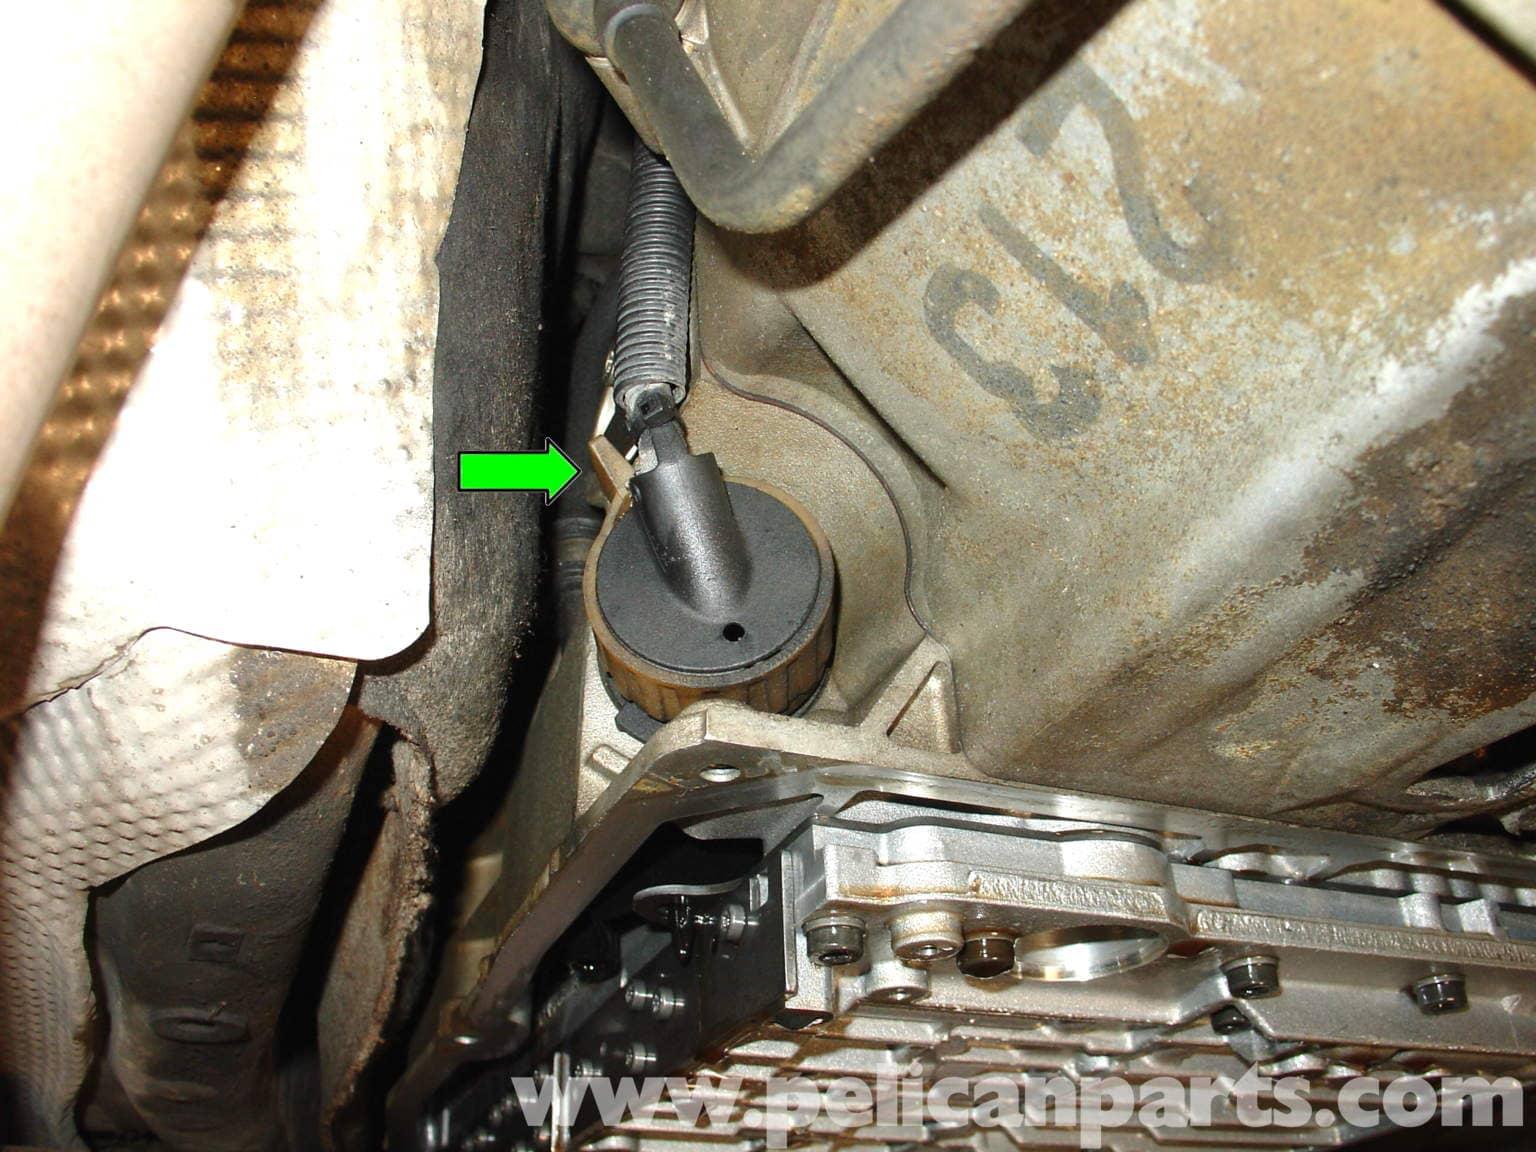 Mercedes   Benz Automatic    Transmission    Fluid Change  W210 199603     E320     E420   Pelican Parts DIY